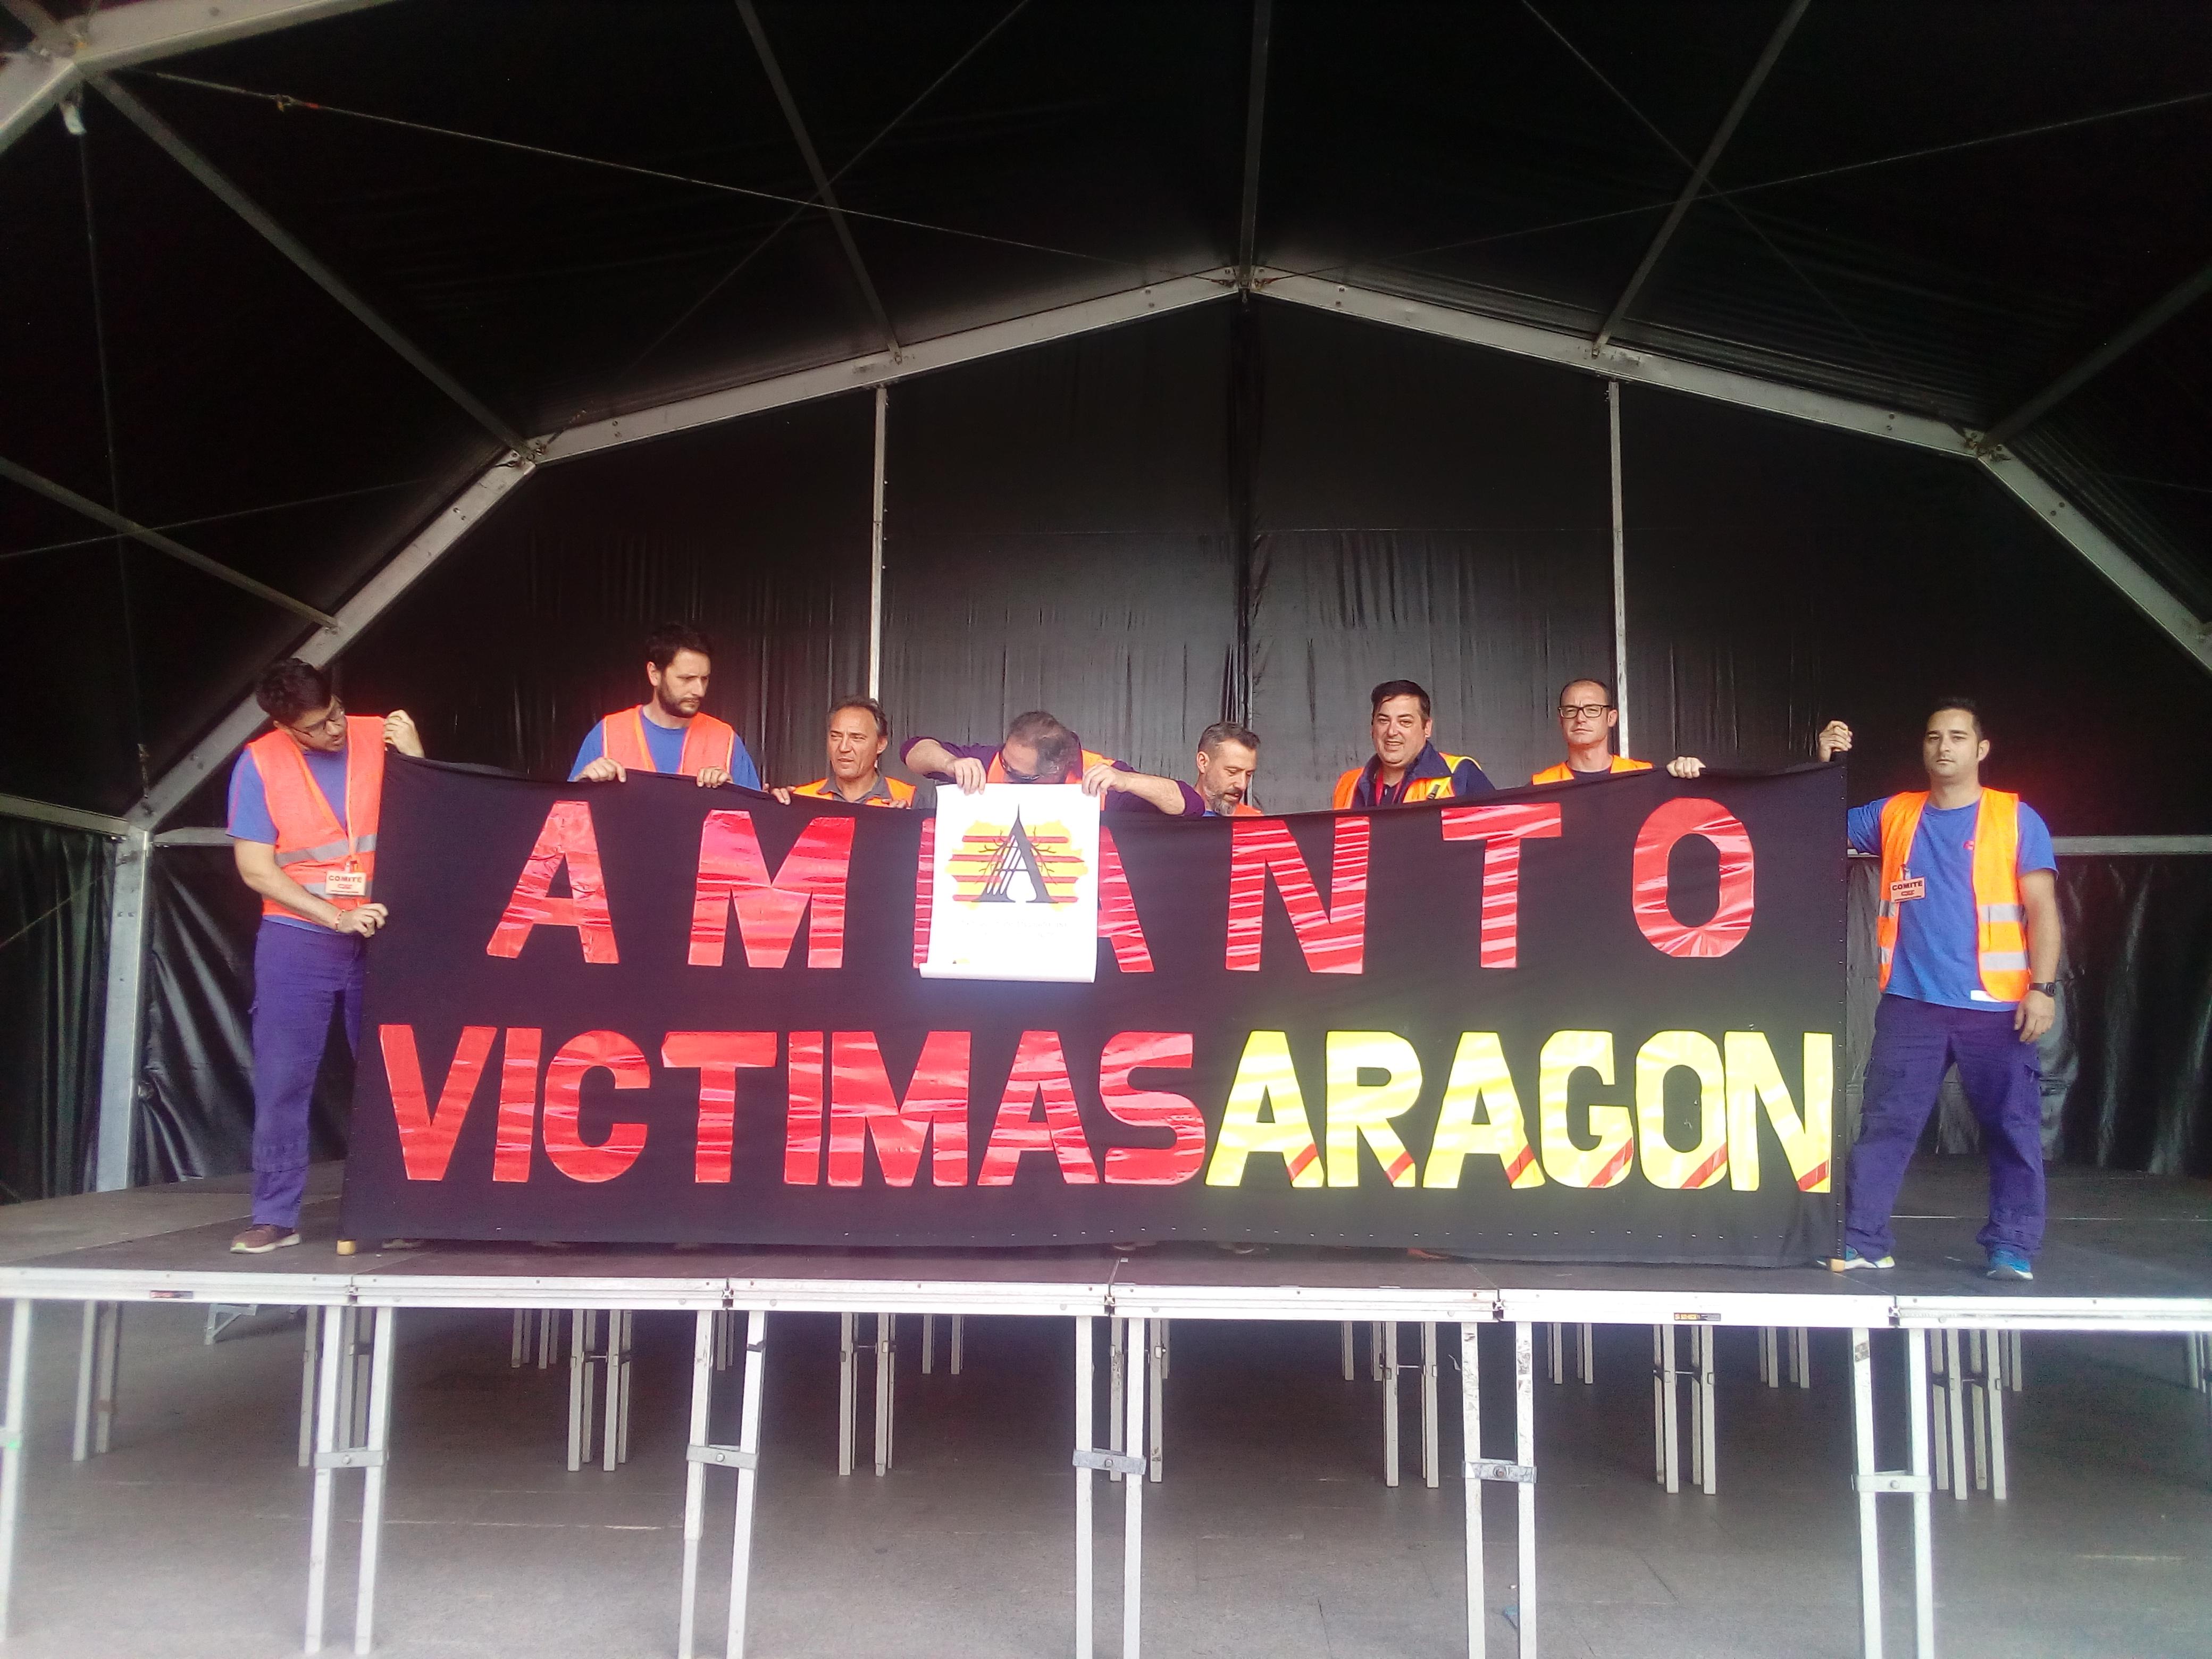 GTI agradece a tod@s l@s que habeis secundado y realizado la jornada de lucha del 10 de Mayo contra el amianto y sus aliados.